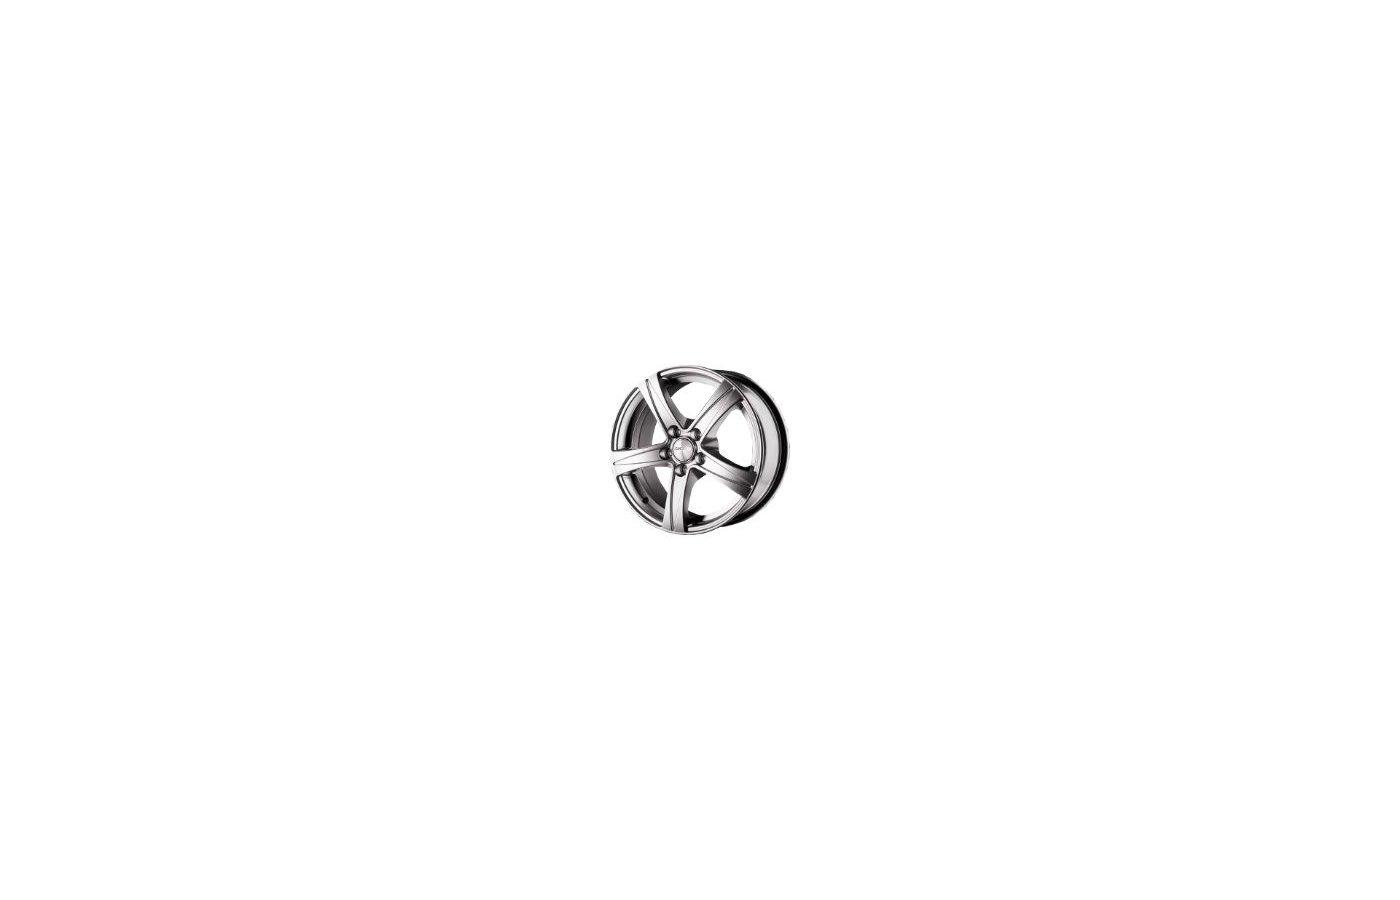 Диск Скад Sakura 6.5x15/5x105 D56.7 ET35 Селена